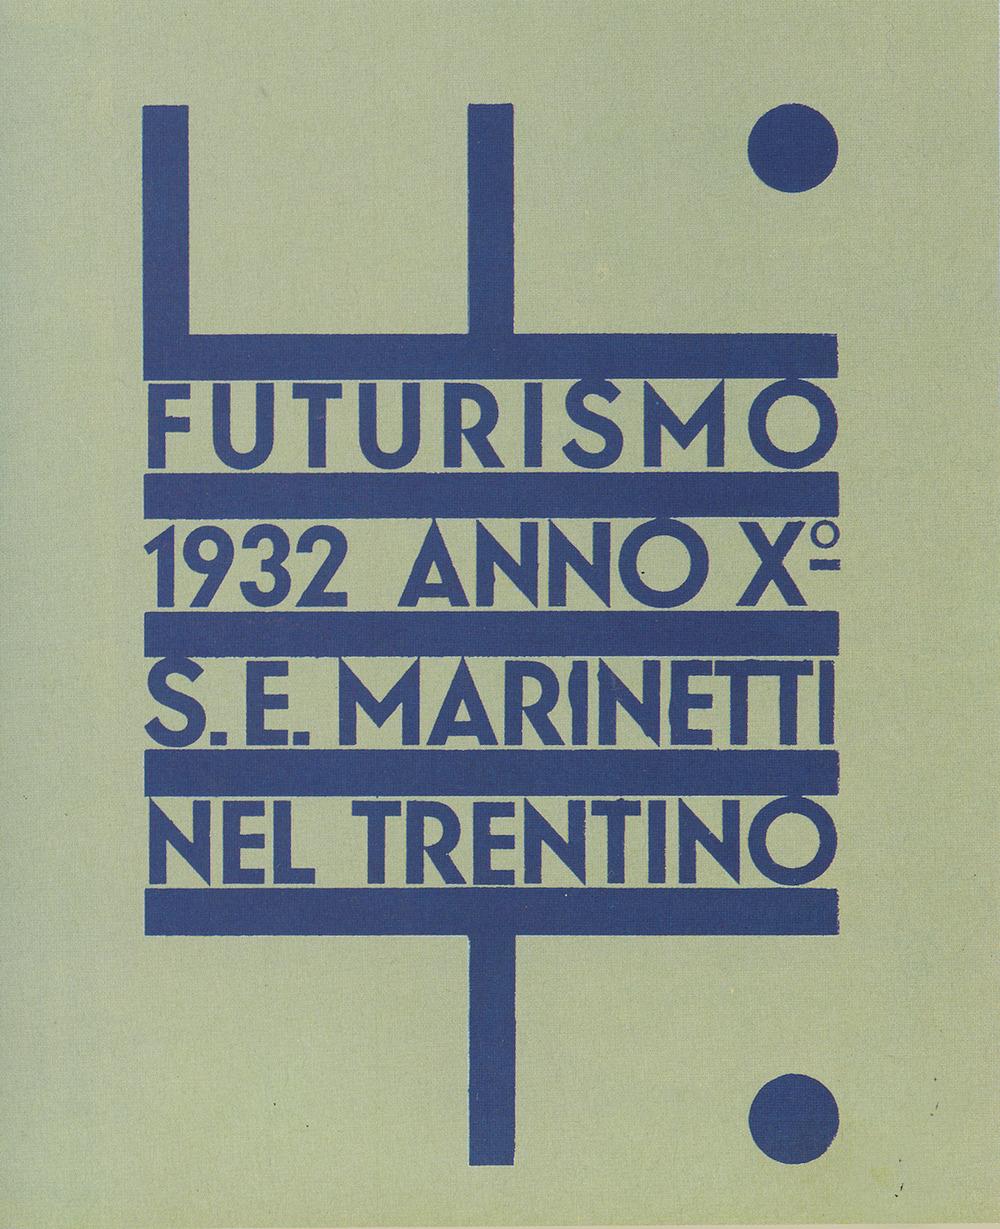 Fortunato Depero -  Futurismo  (1932)